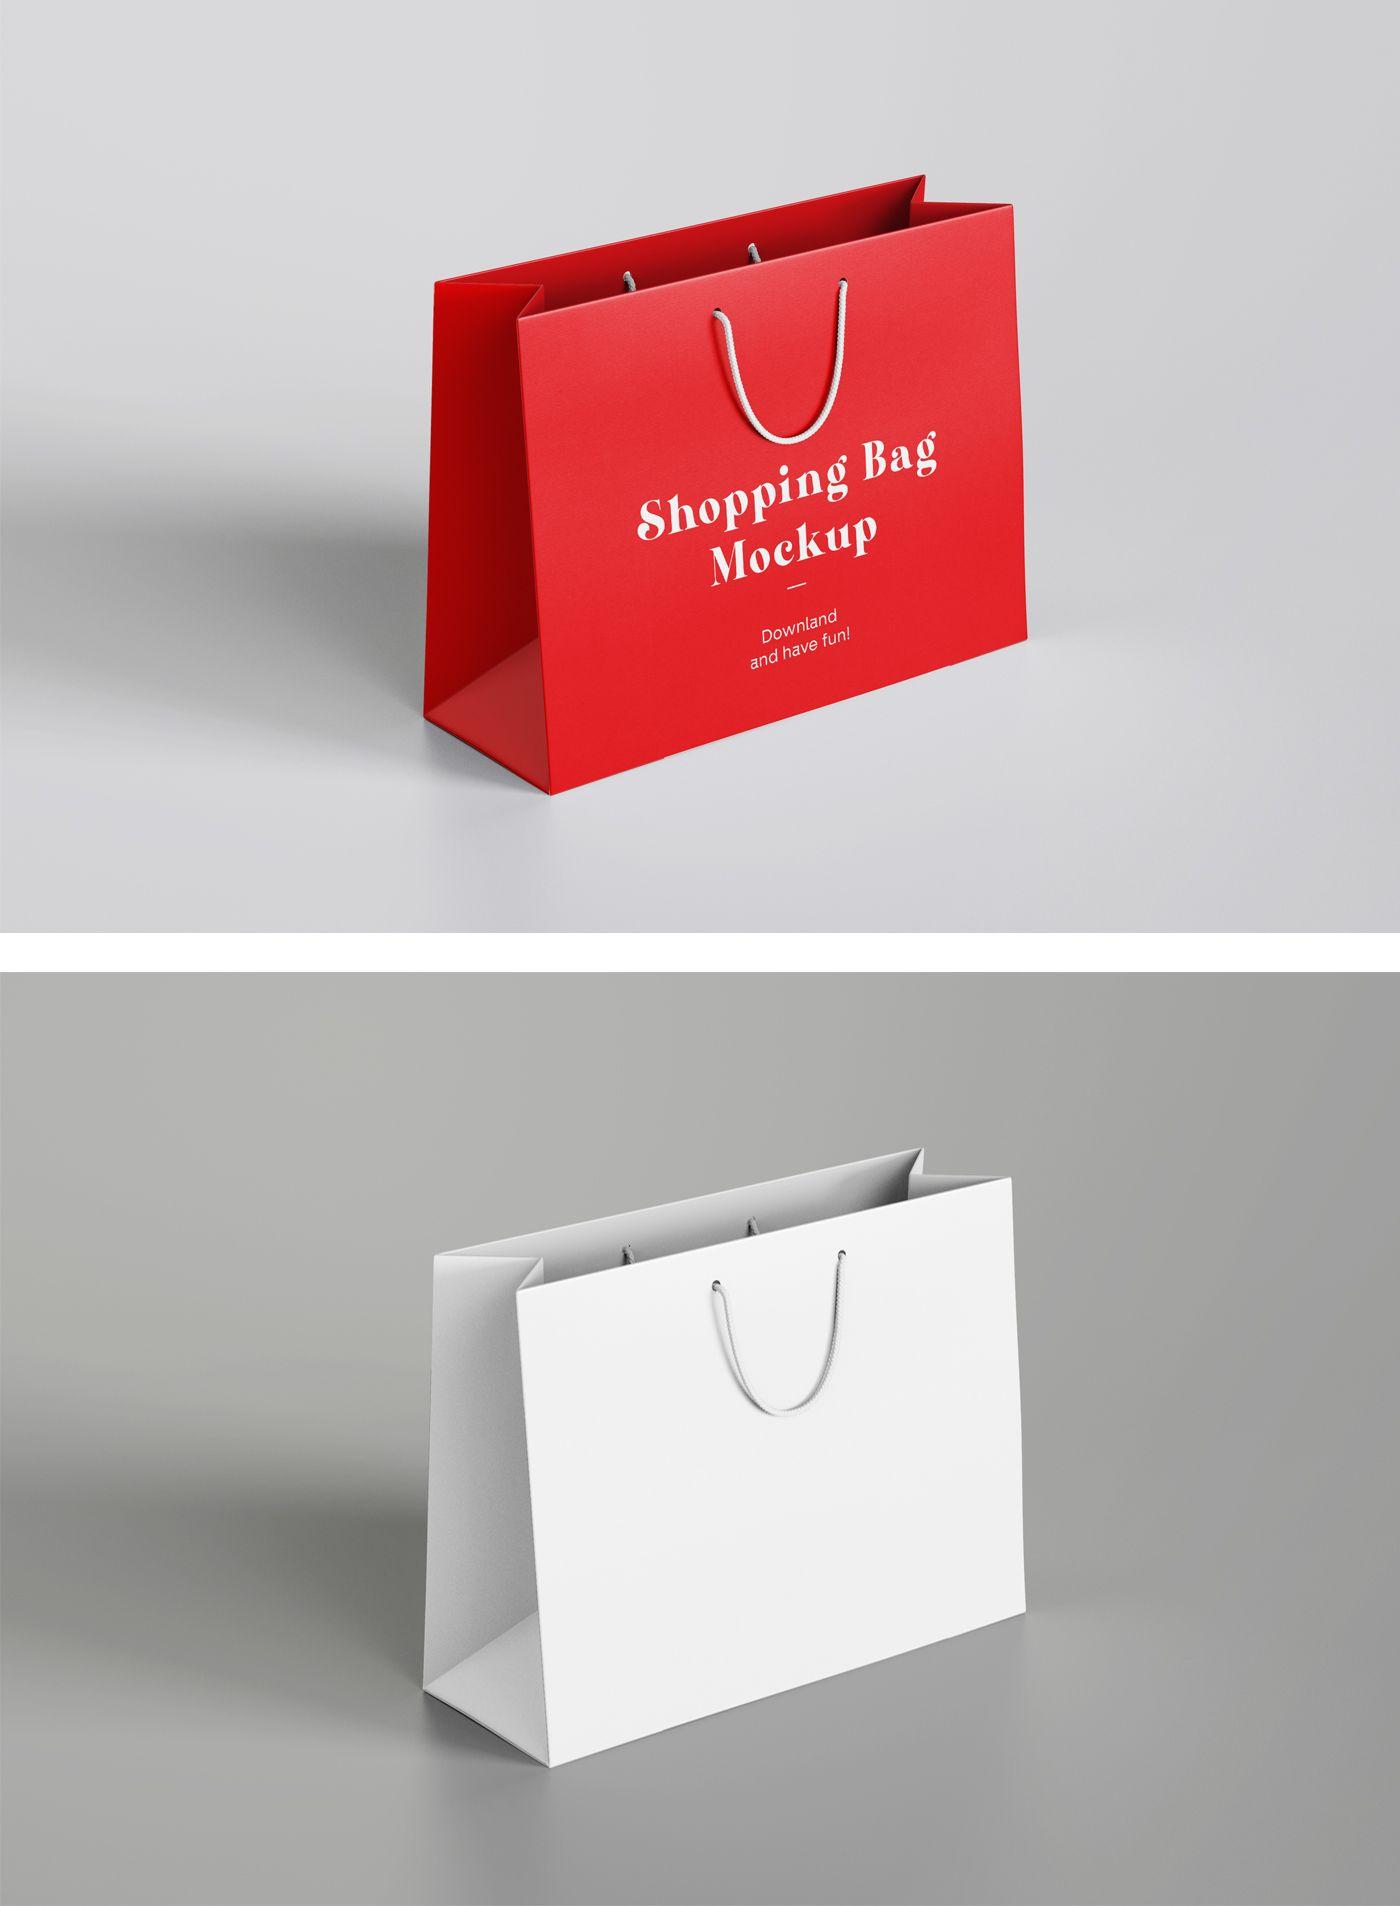 Download Shopping Bag Mockup In 2021 Bag Mockup Shopping Bag Design Design Mockup Free